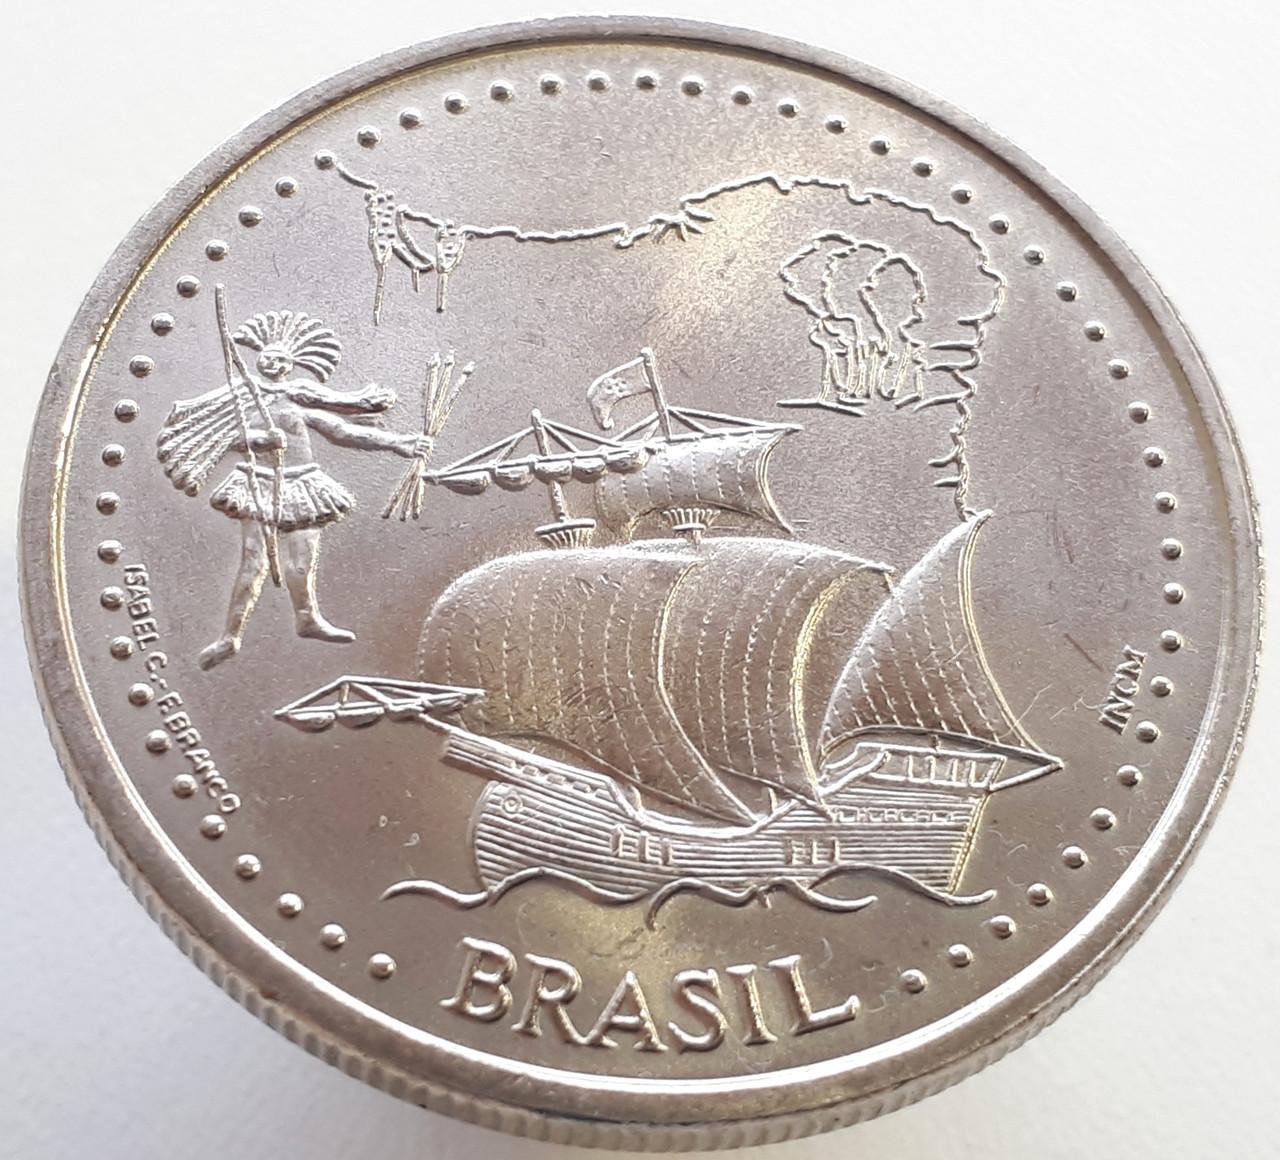 Португалия 200 эскудо 1999 - 500 лет с момента открытия Бразилии